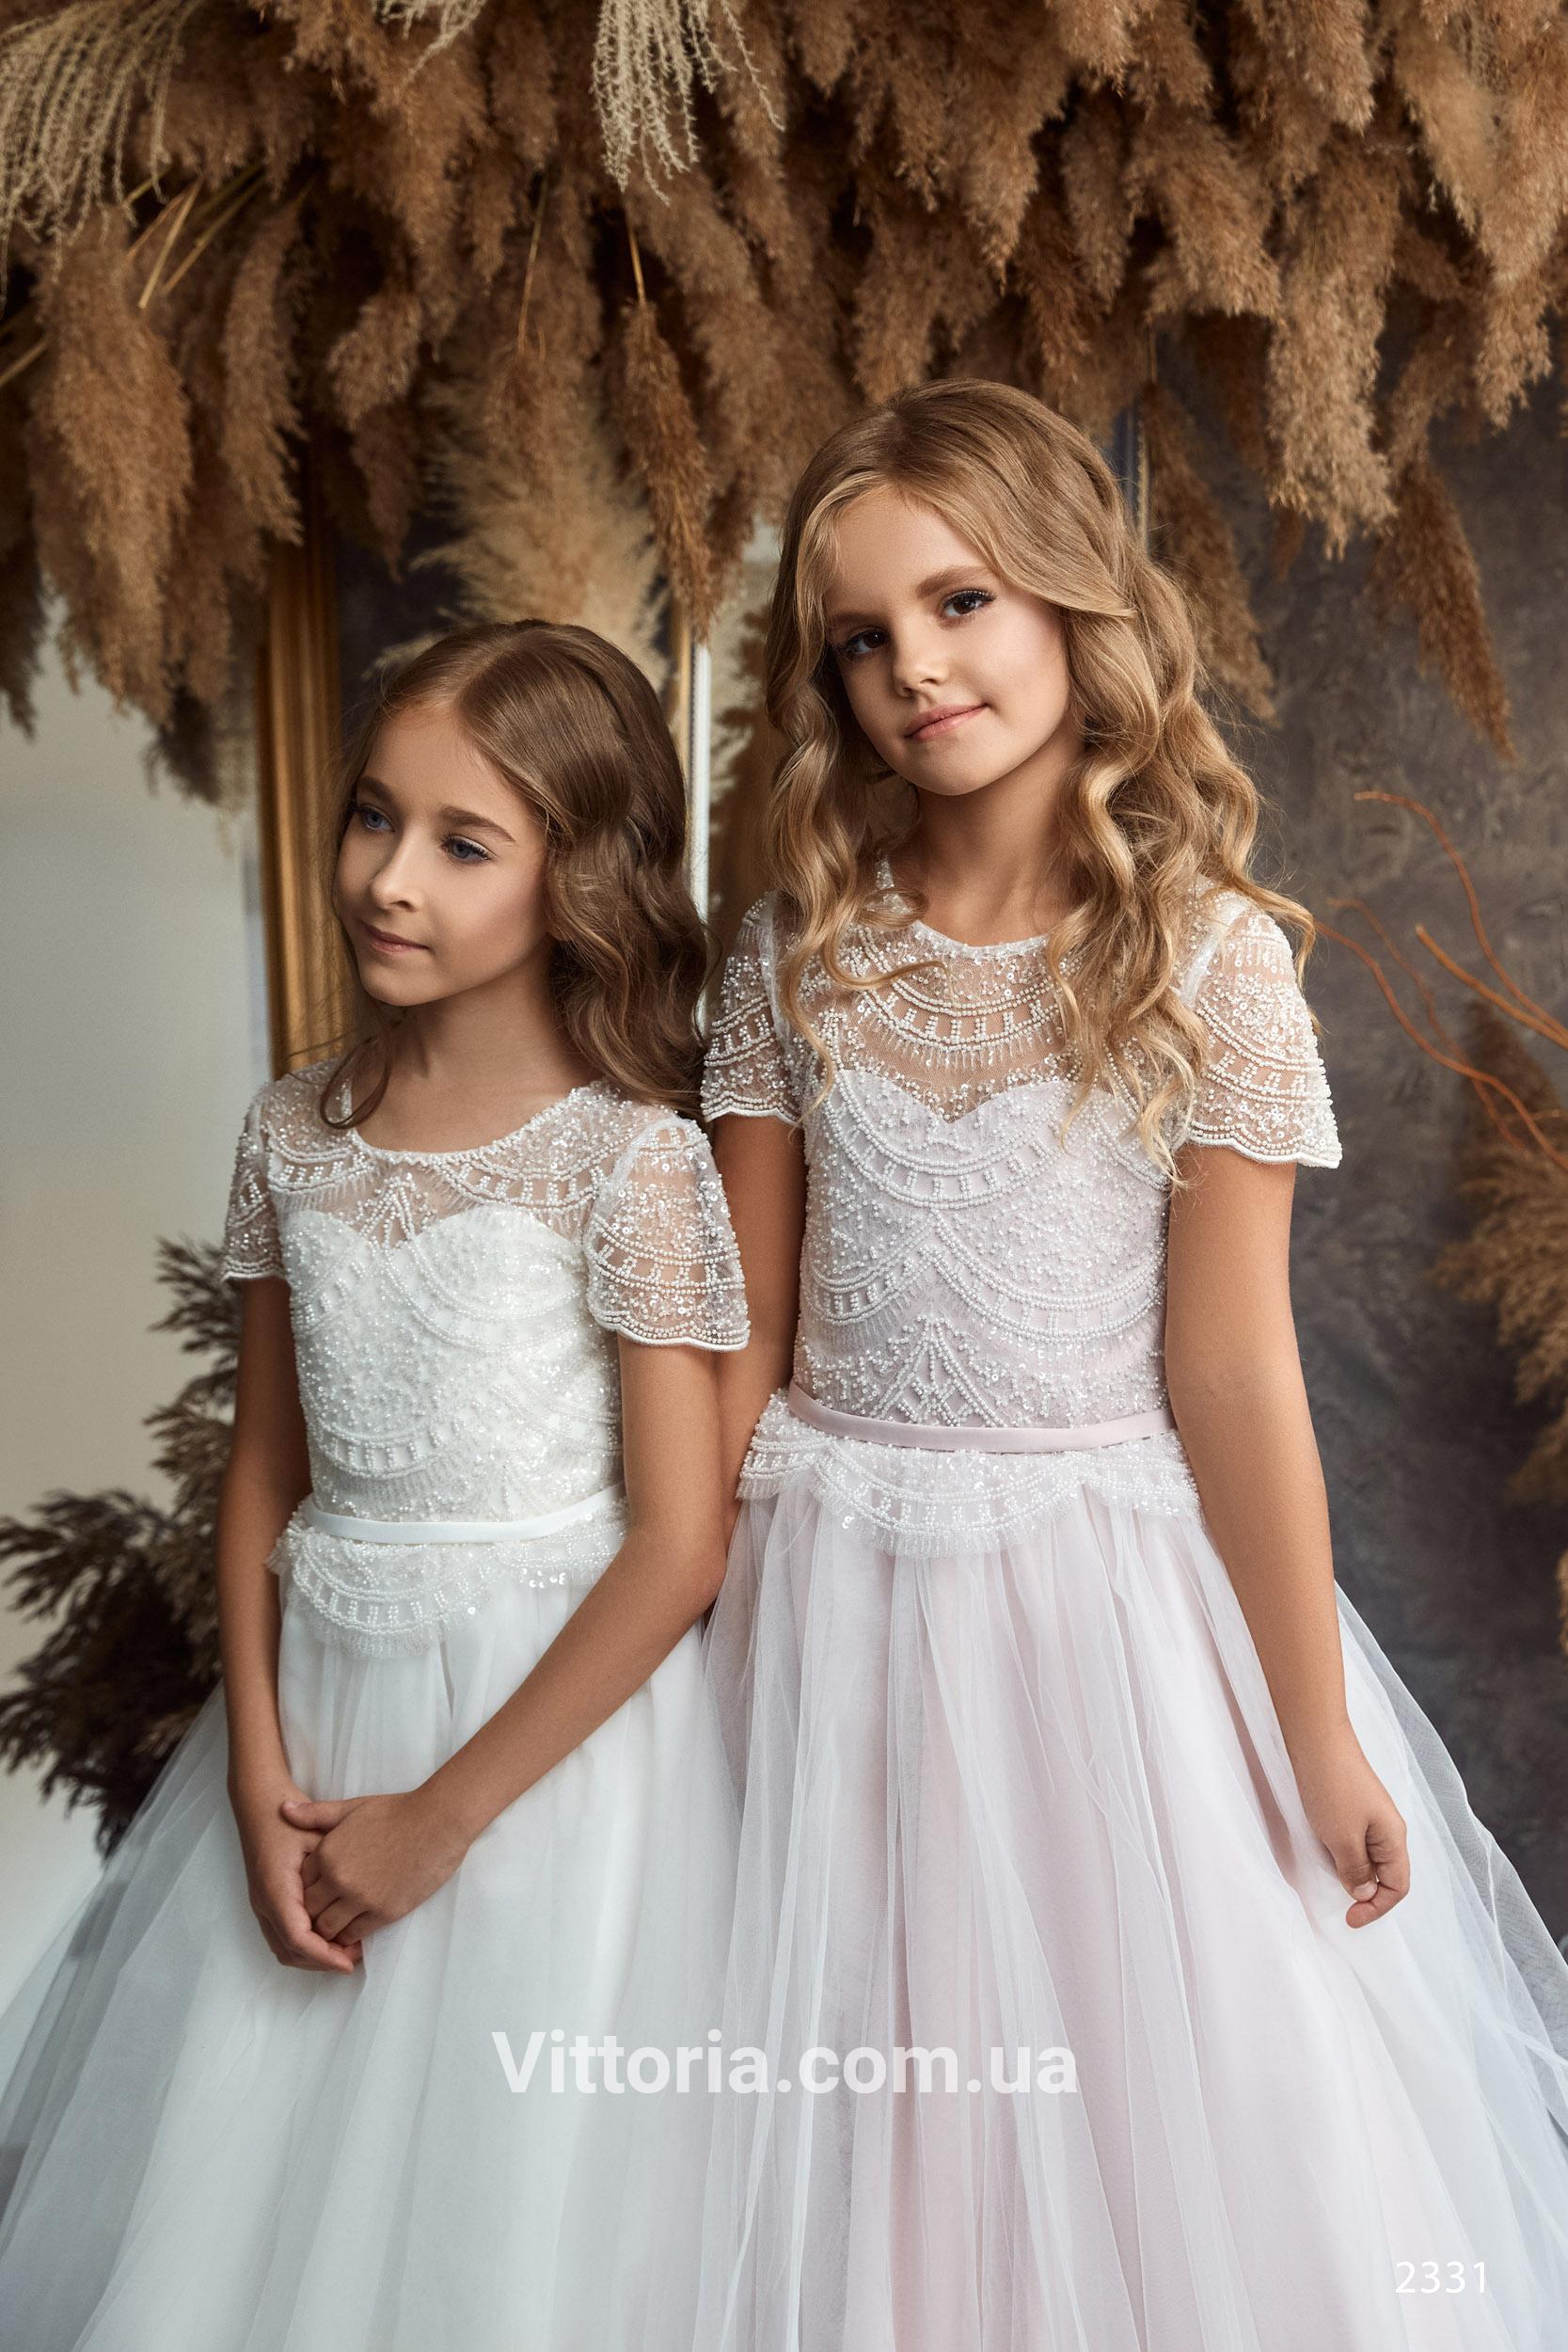 Детское платье 2331